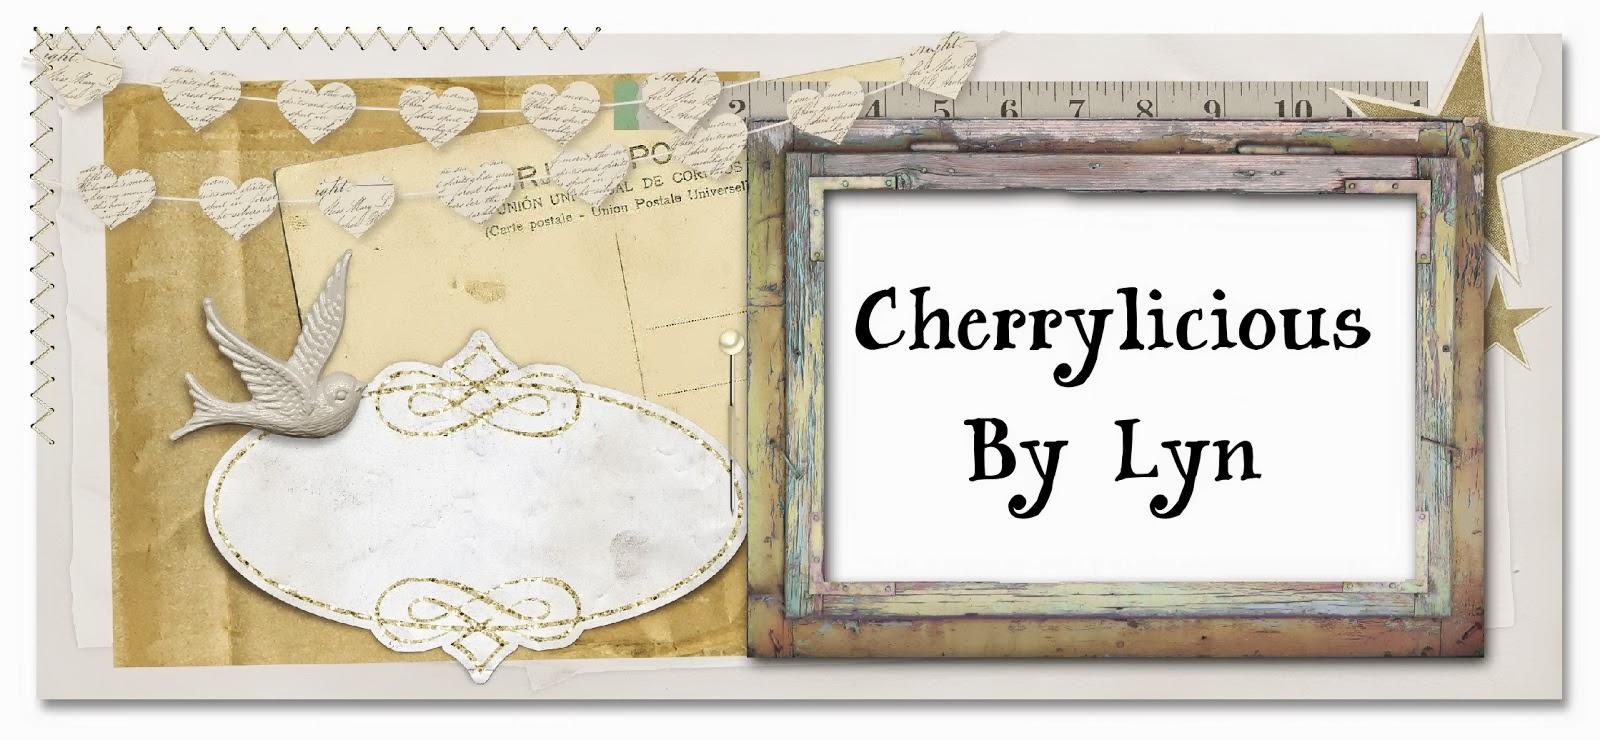 Cherrylicious By Lyn